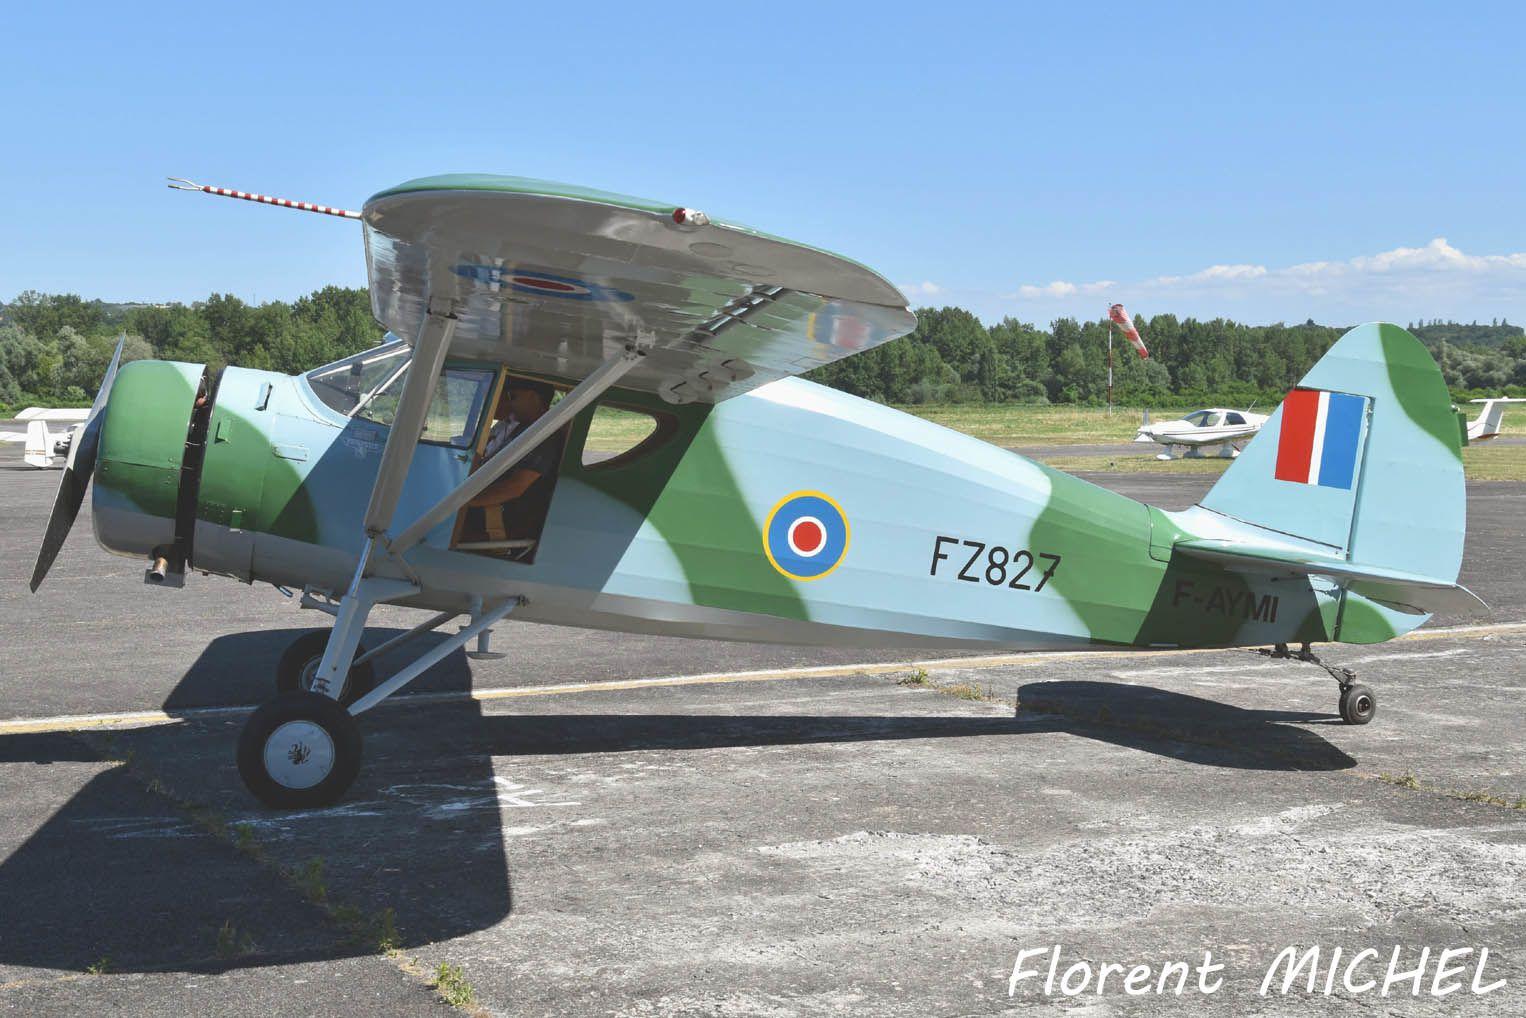 Le Fairchild 24 F-AYMI (ex HB-EMI) basé à Bourg-Ceyzeriat.  (Photo: Florent Michel)